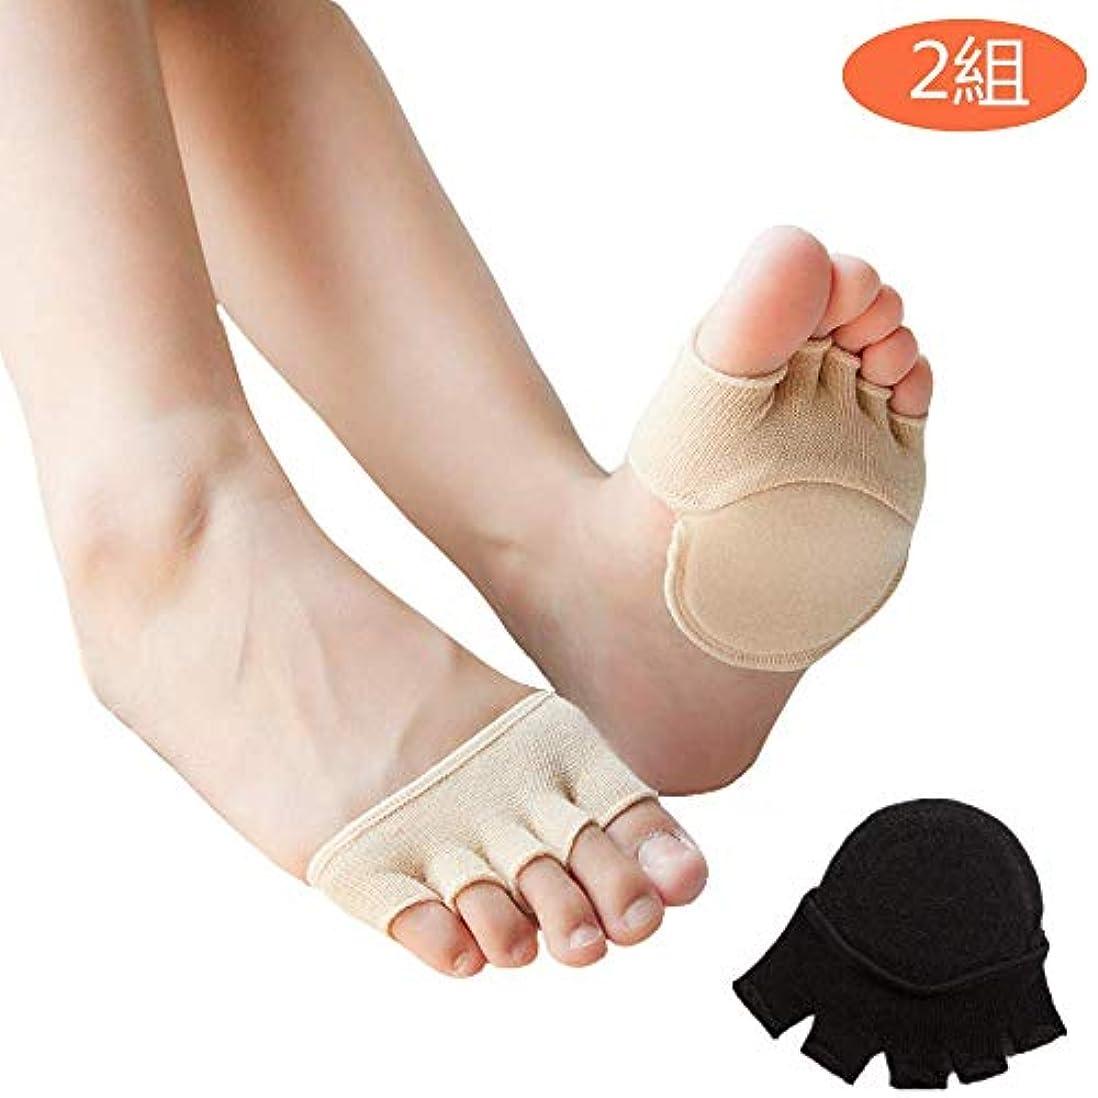 二年生動物顕著つま先 5本指 足底クッション付き 前足サポーター 足の臭い対策 フットカバー ヨガ用靴下 浅い靴下半分つま先 夏 超薄型 (2組)